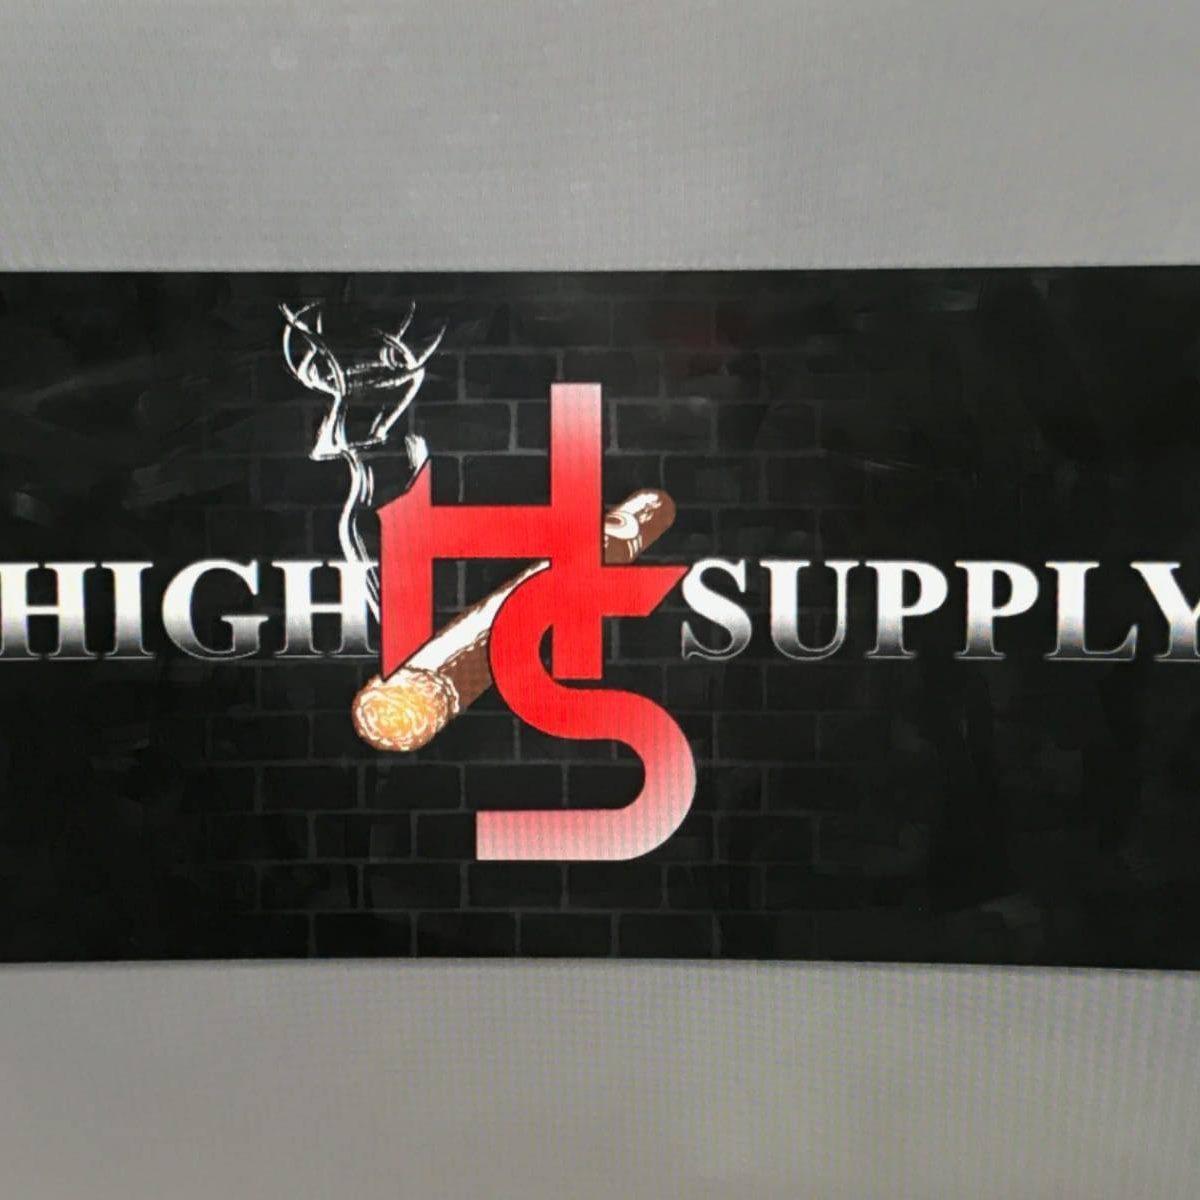 High Supply - Houston Logo